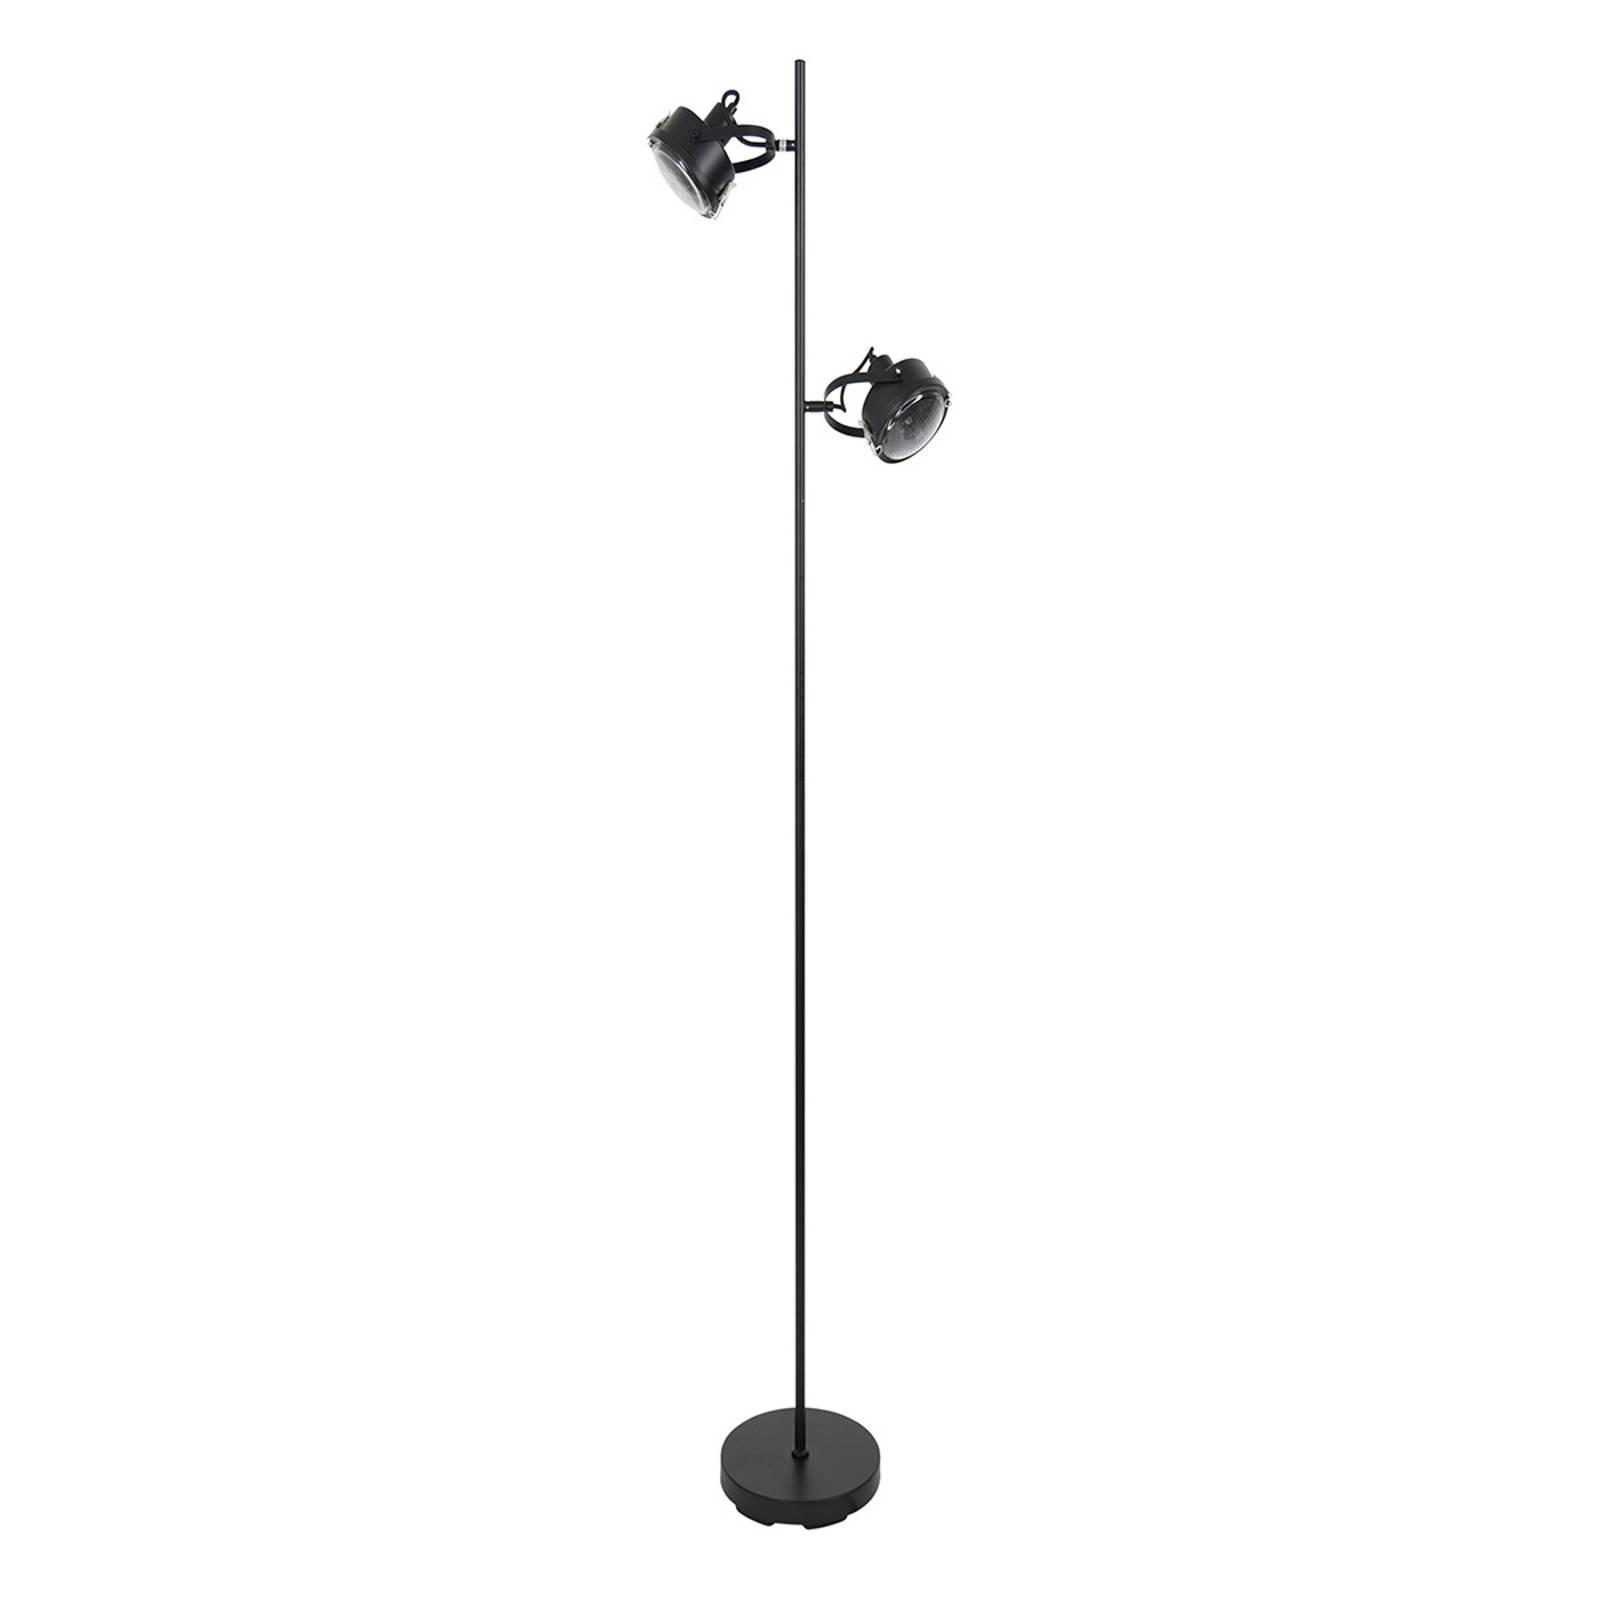 Vloerlamp Satellite in zwart, 2-lamps